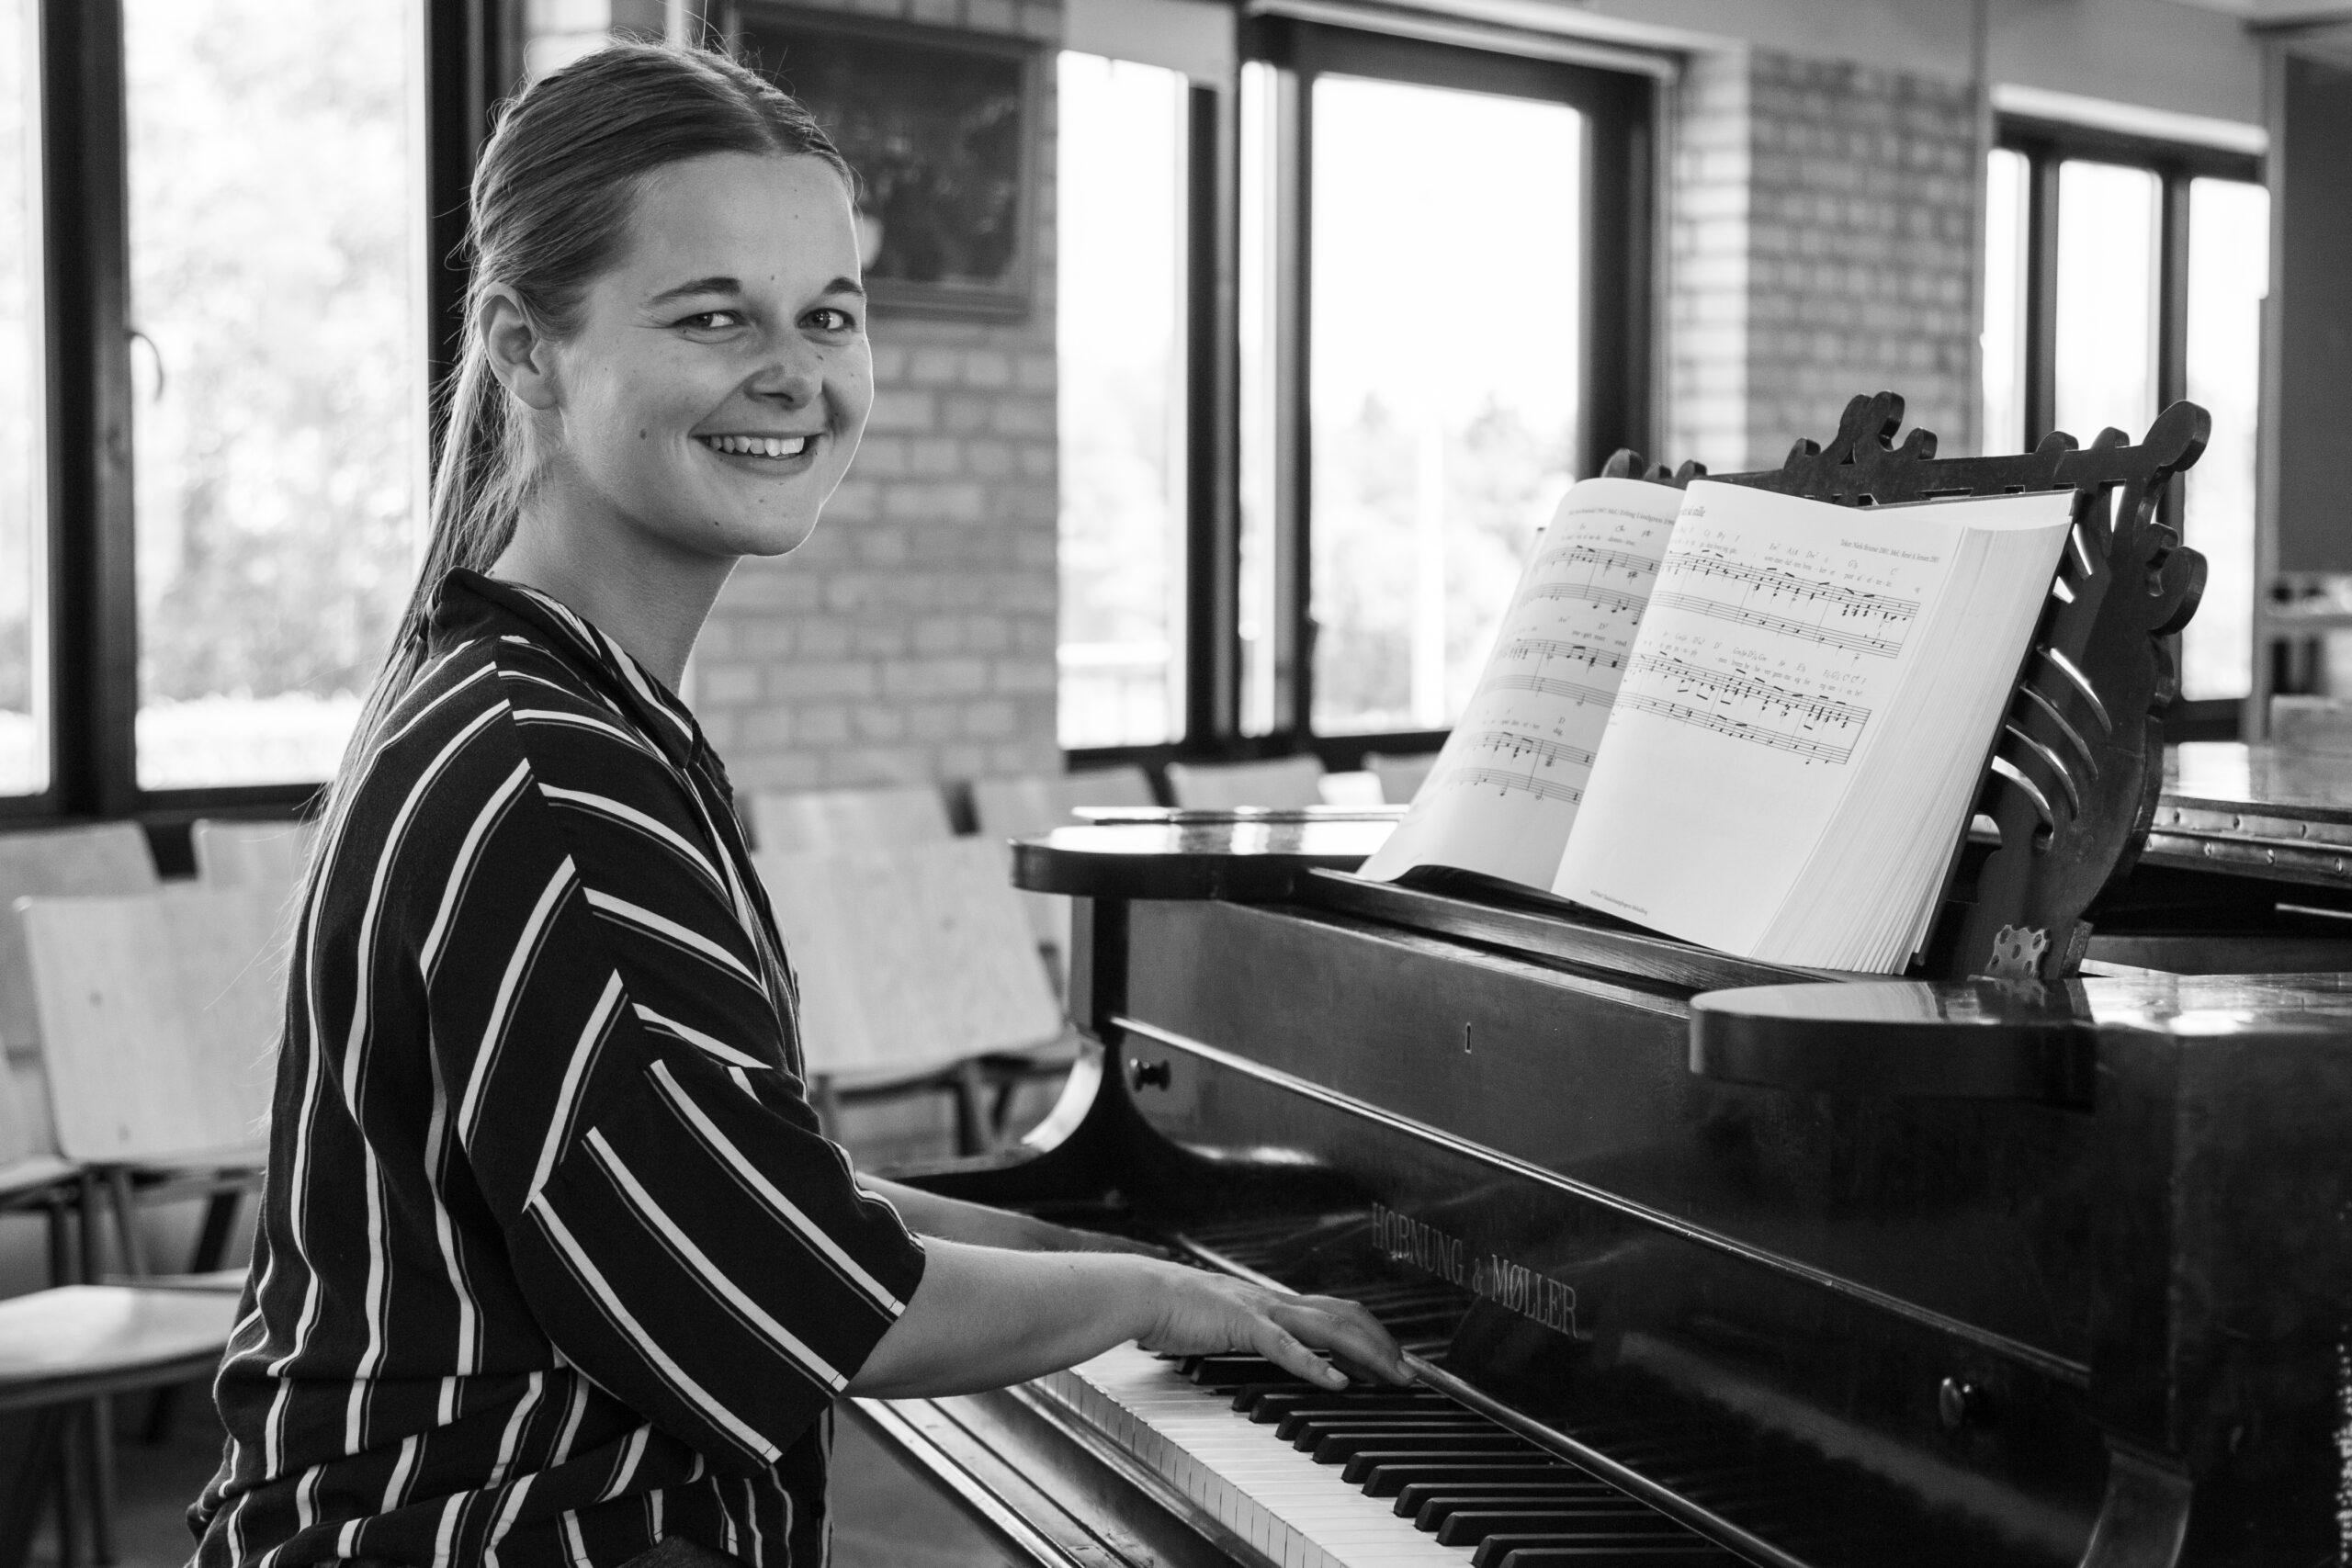 Katja Olsen